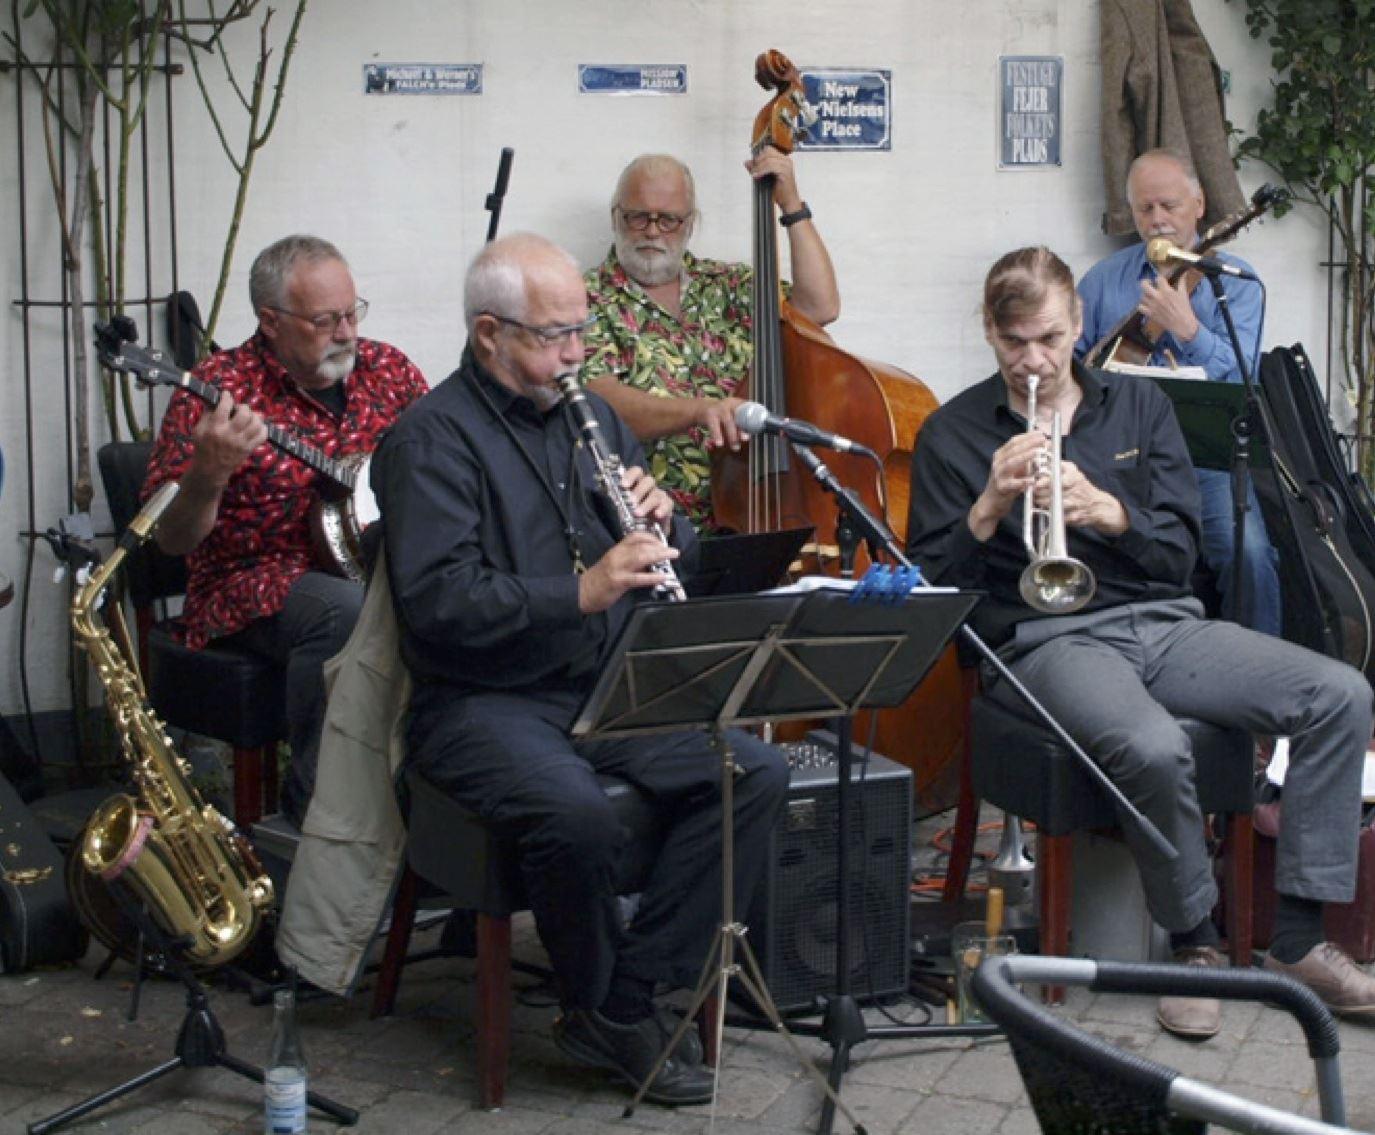 Musikaften: New Or´Nielsen spiller jazz på Ida